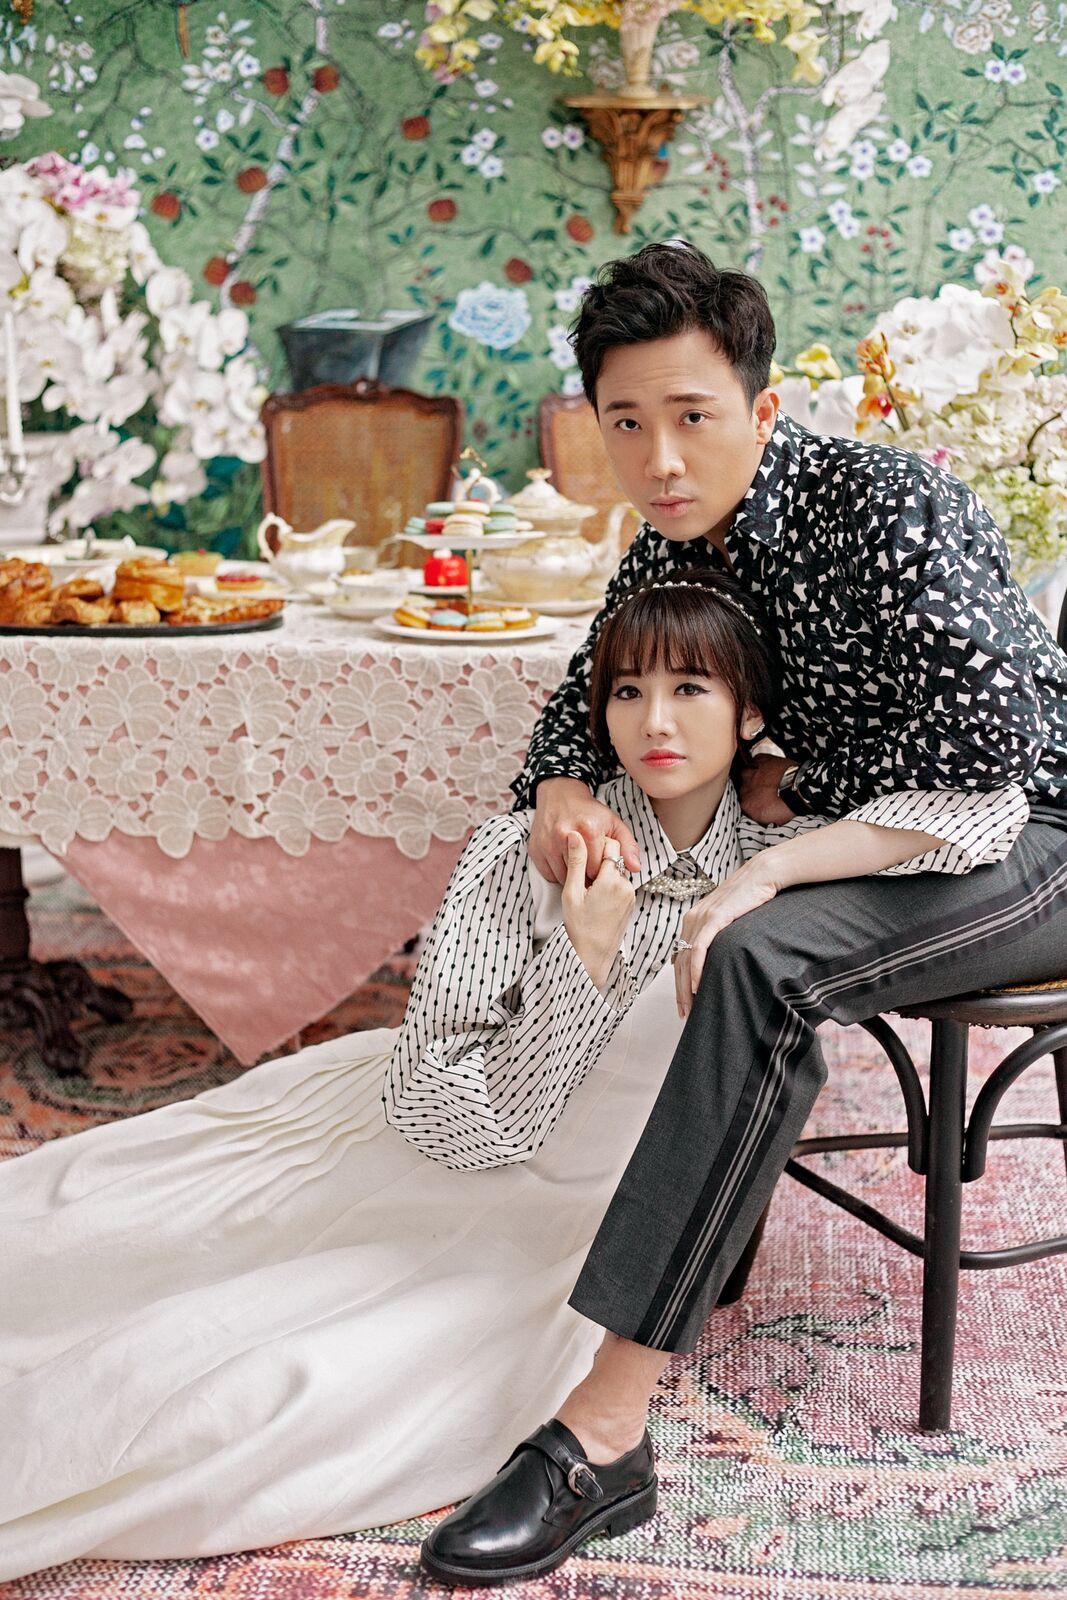 Lụi tim trước bộ ảnh siêu tình tứ của Hari Won và Trấn Thành, yêu hơn 3 năm vẫn hạnh phúc như ngày đầu